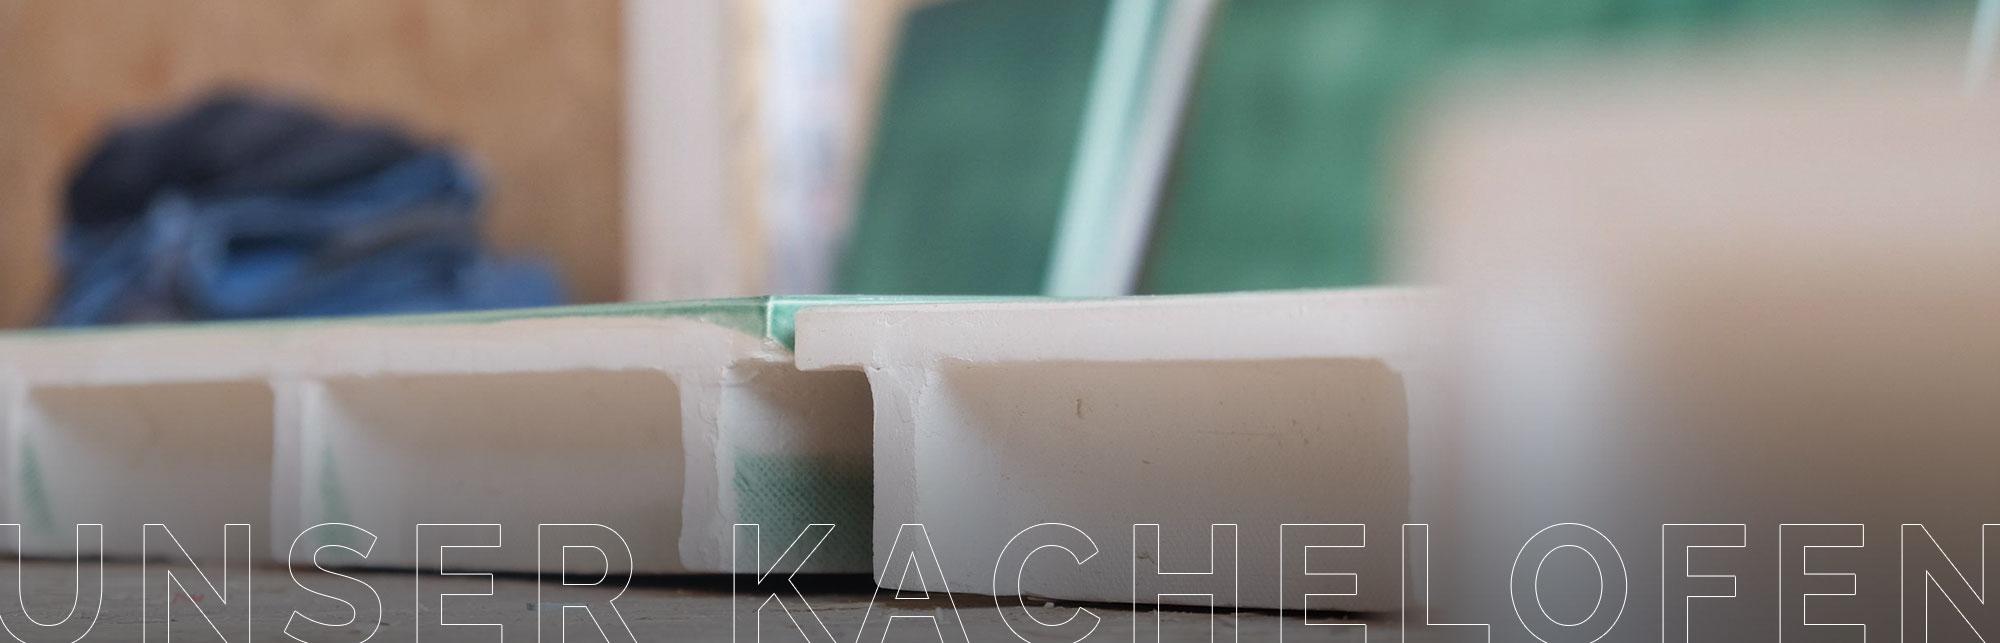 Full Size of Pappbett Ikea Miniküche Betten Bei Küche Kosten Sofa Mit Schlaffunktion 160x200 Modulküche Kaufen Wohnzimmer Pappbett Ikea